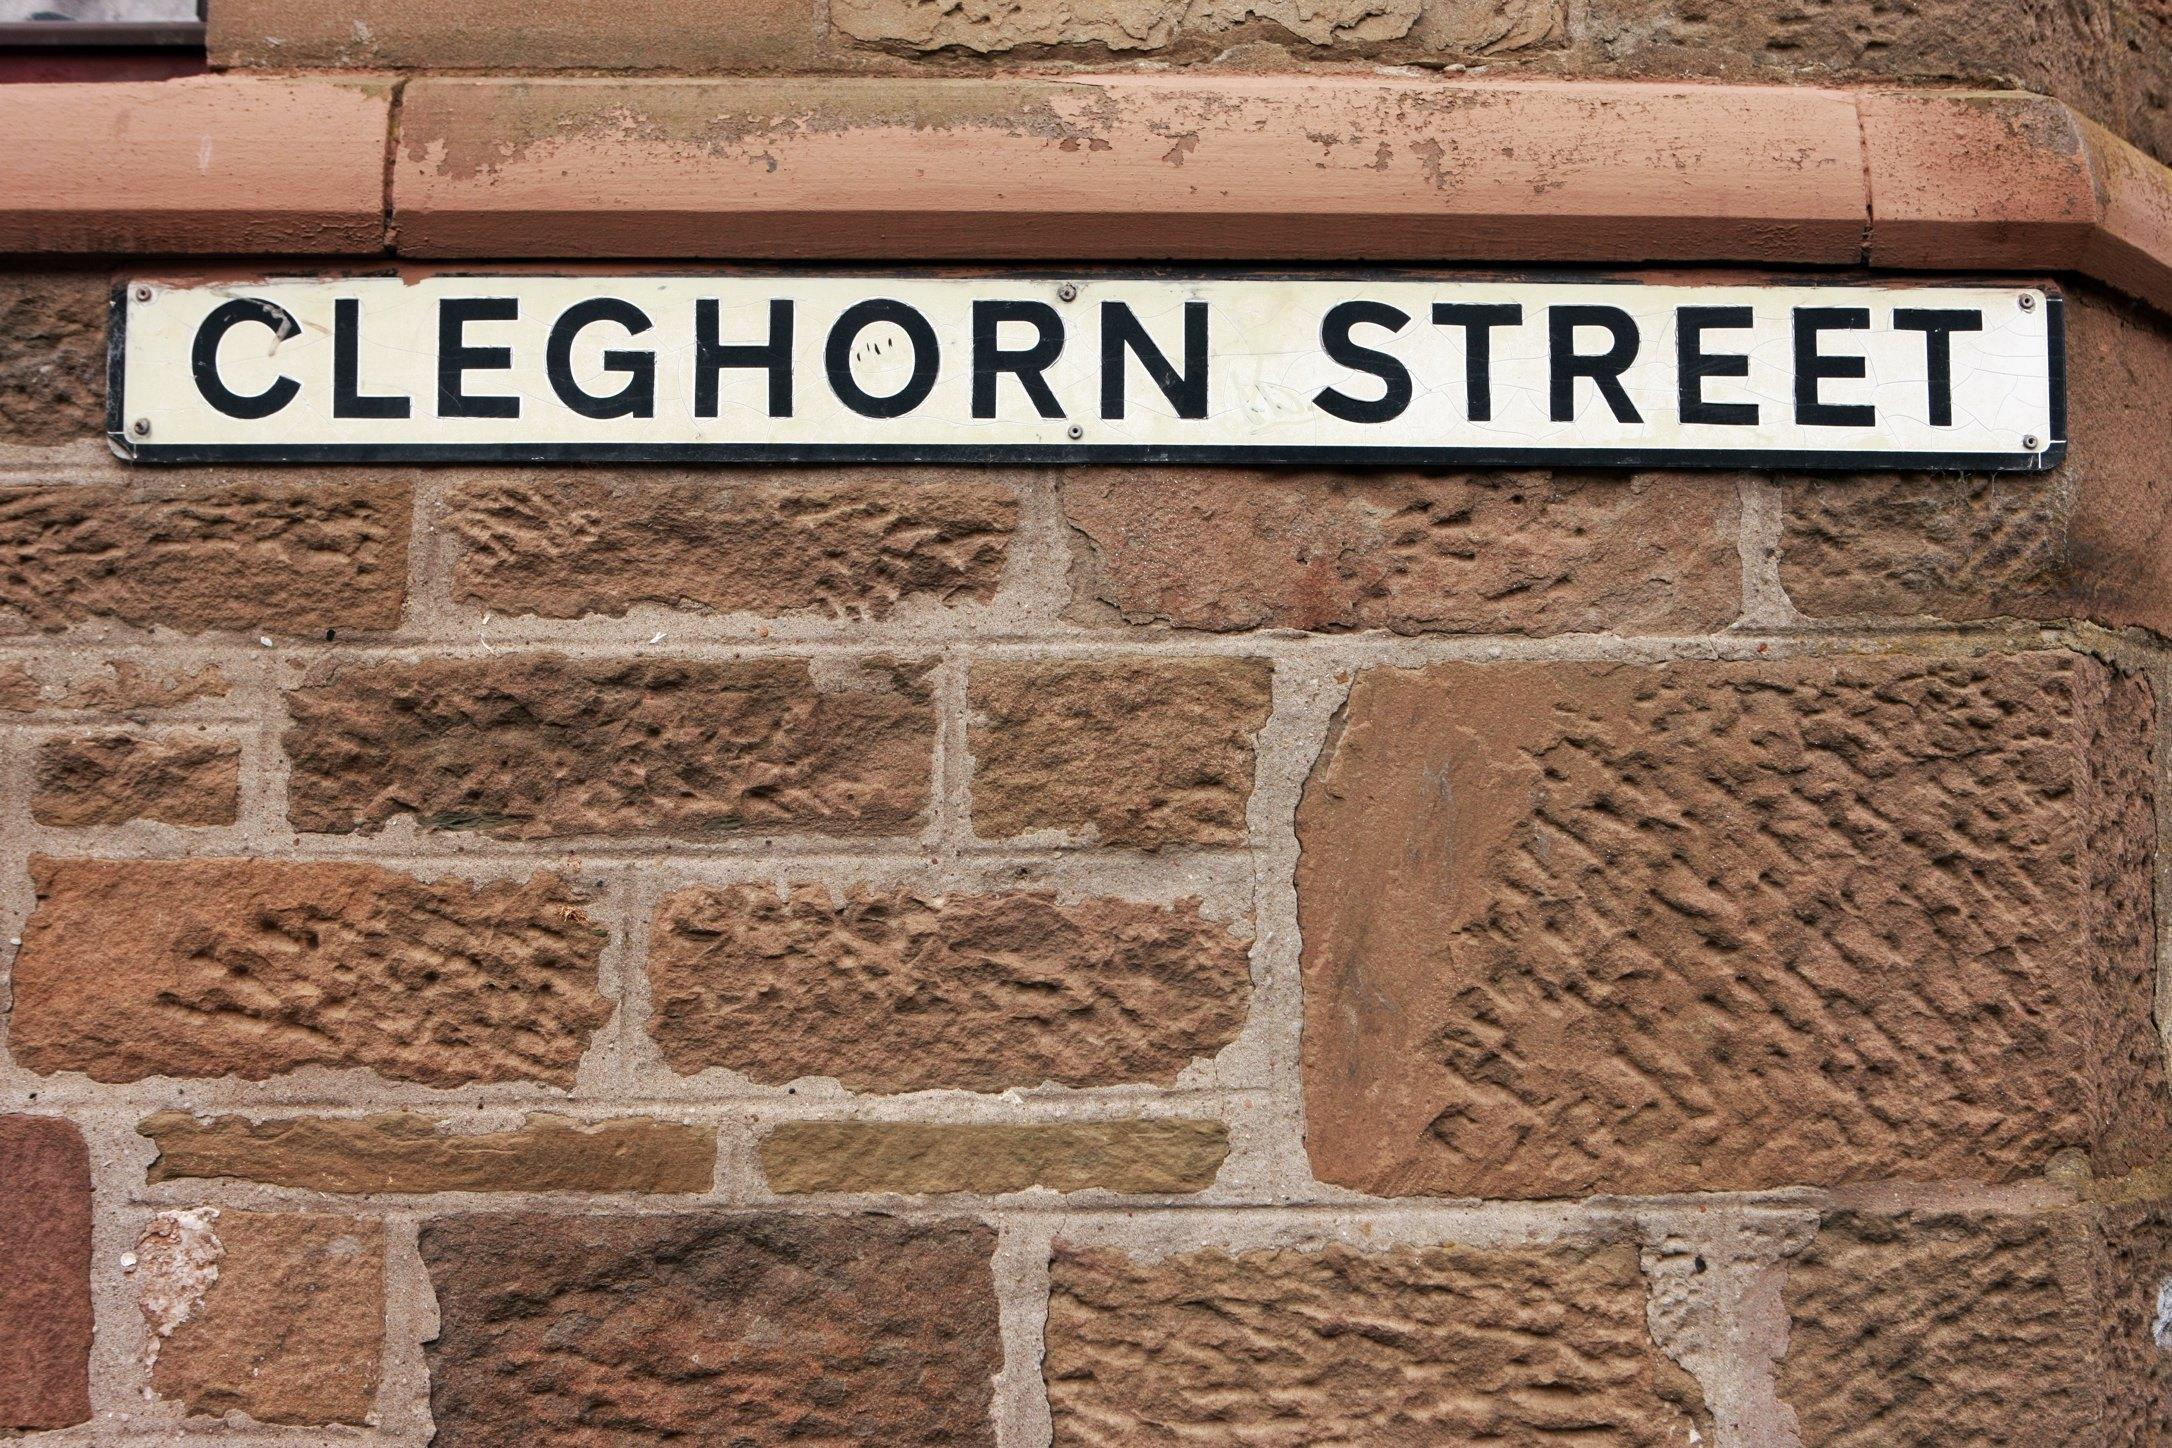 Cleghorn Street, Dundee.